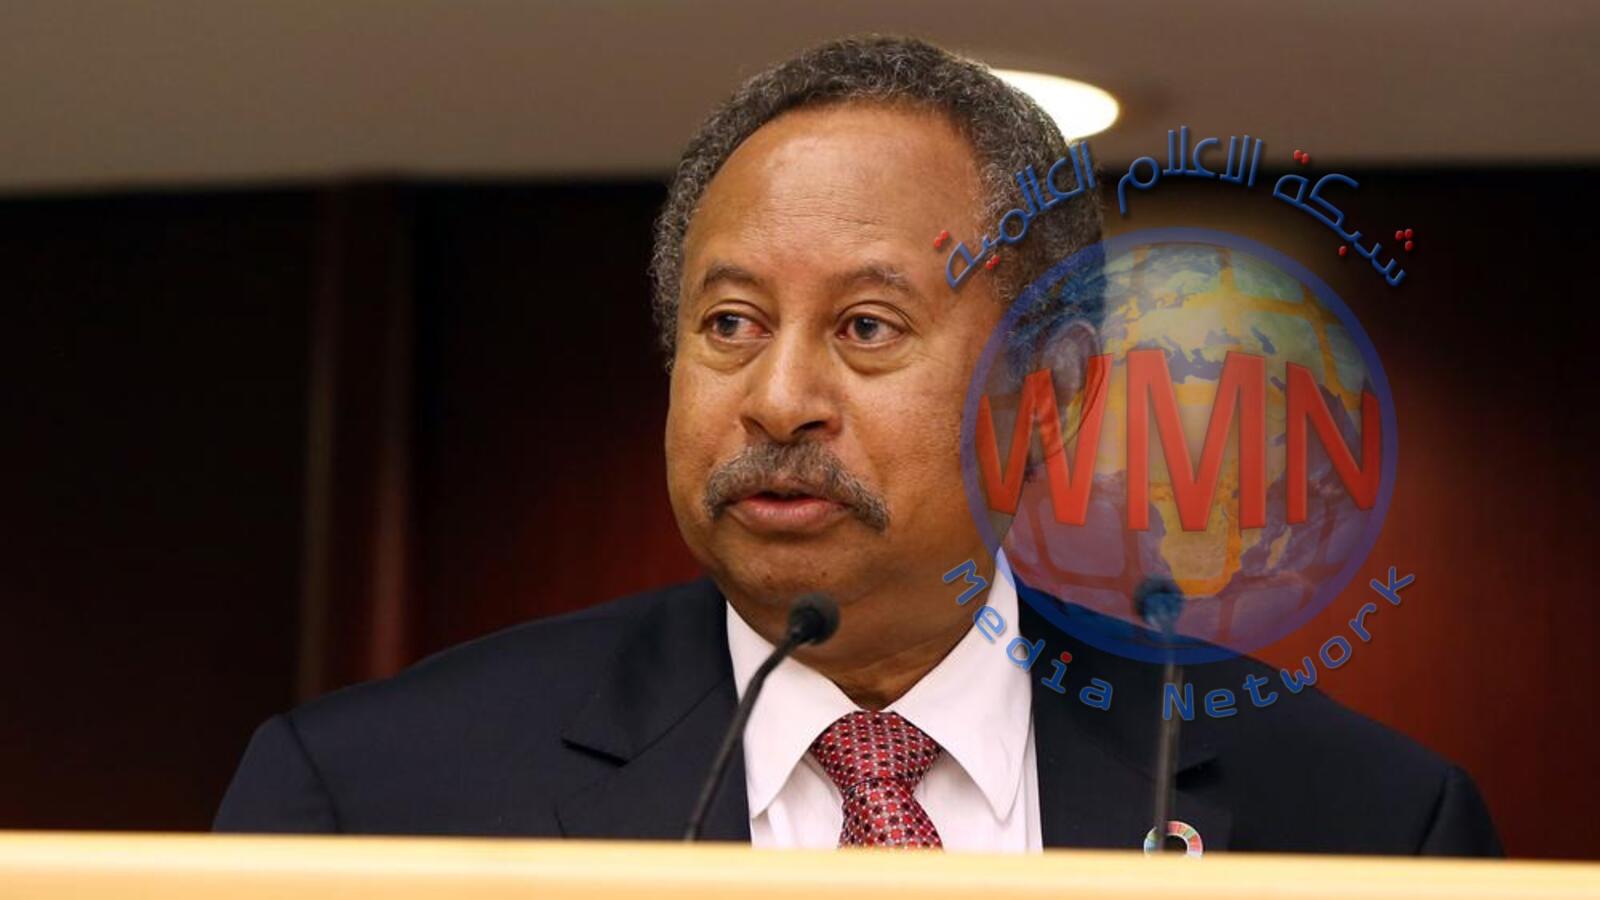 المفاوضات بين الحكومة السودانية والحركات المسلحة تنطلق في جوبا الاثنين